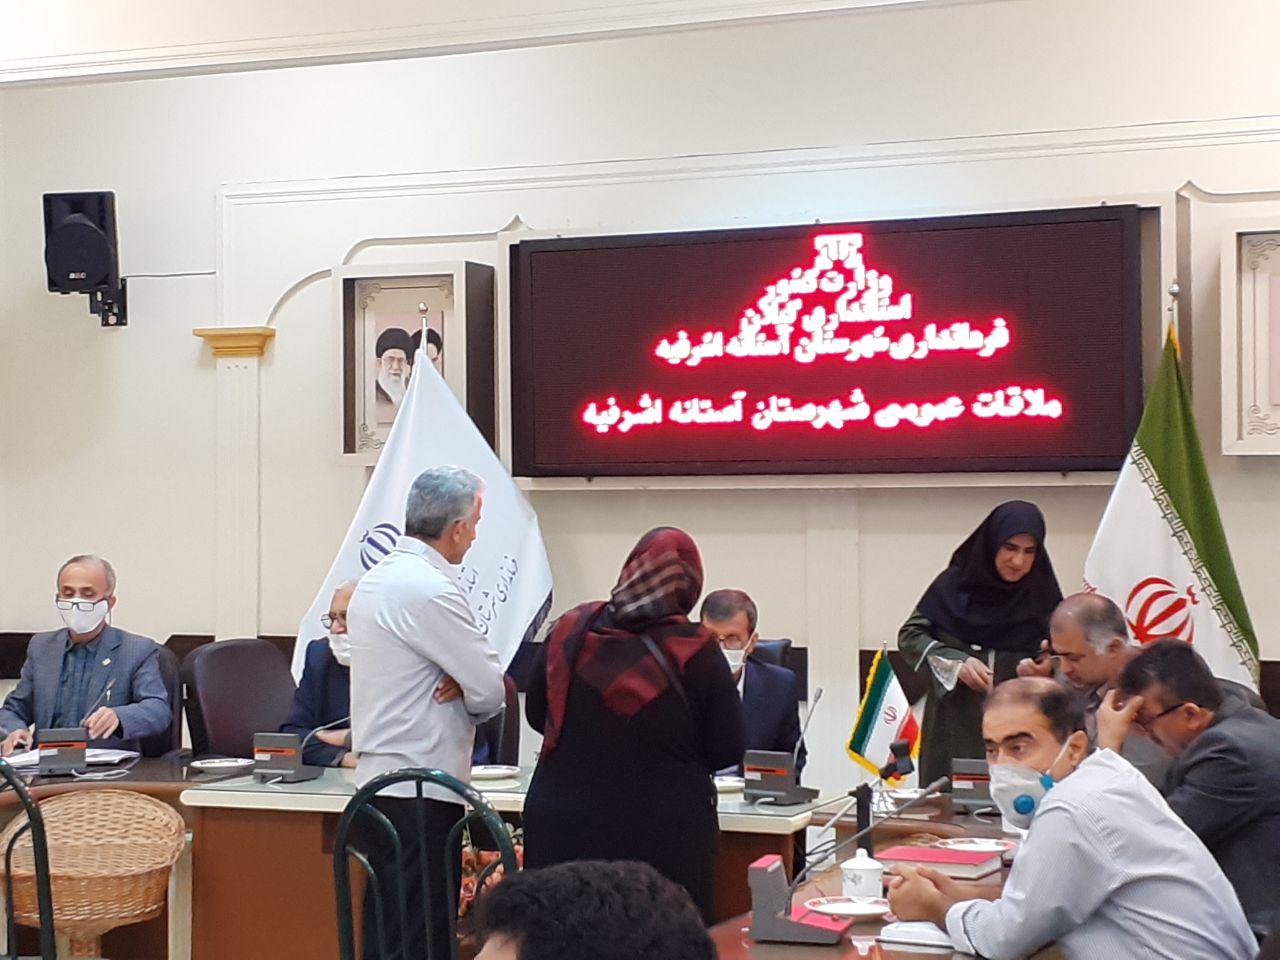 ملاقات مردمی فرمانداری شهرستان آستانه اشرفیه به عنوان میز خدمت برگزار شد